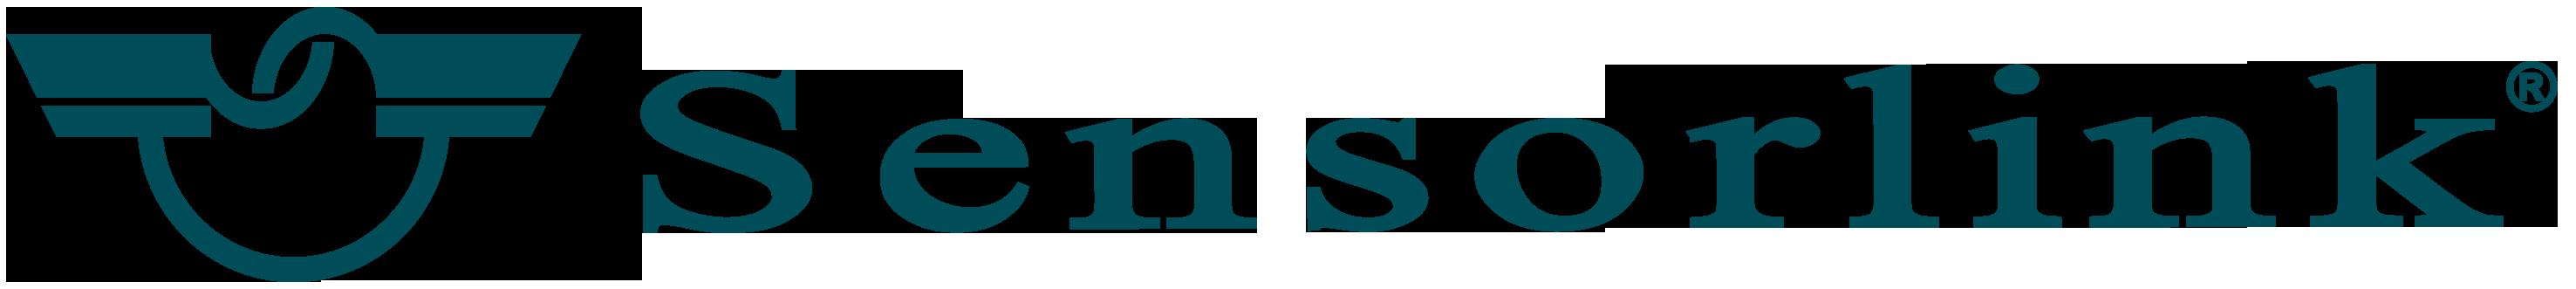 http://list8.ebuzzzz.com/images/3151677-91581/20151006/SSB_bold_logo.png